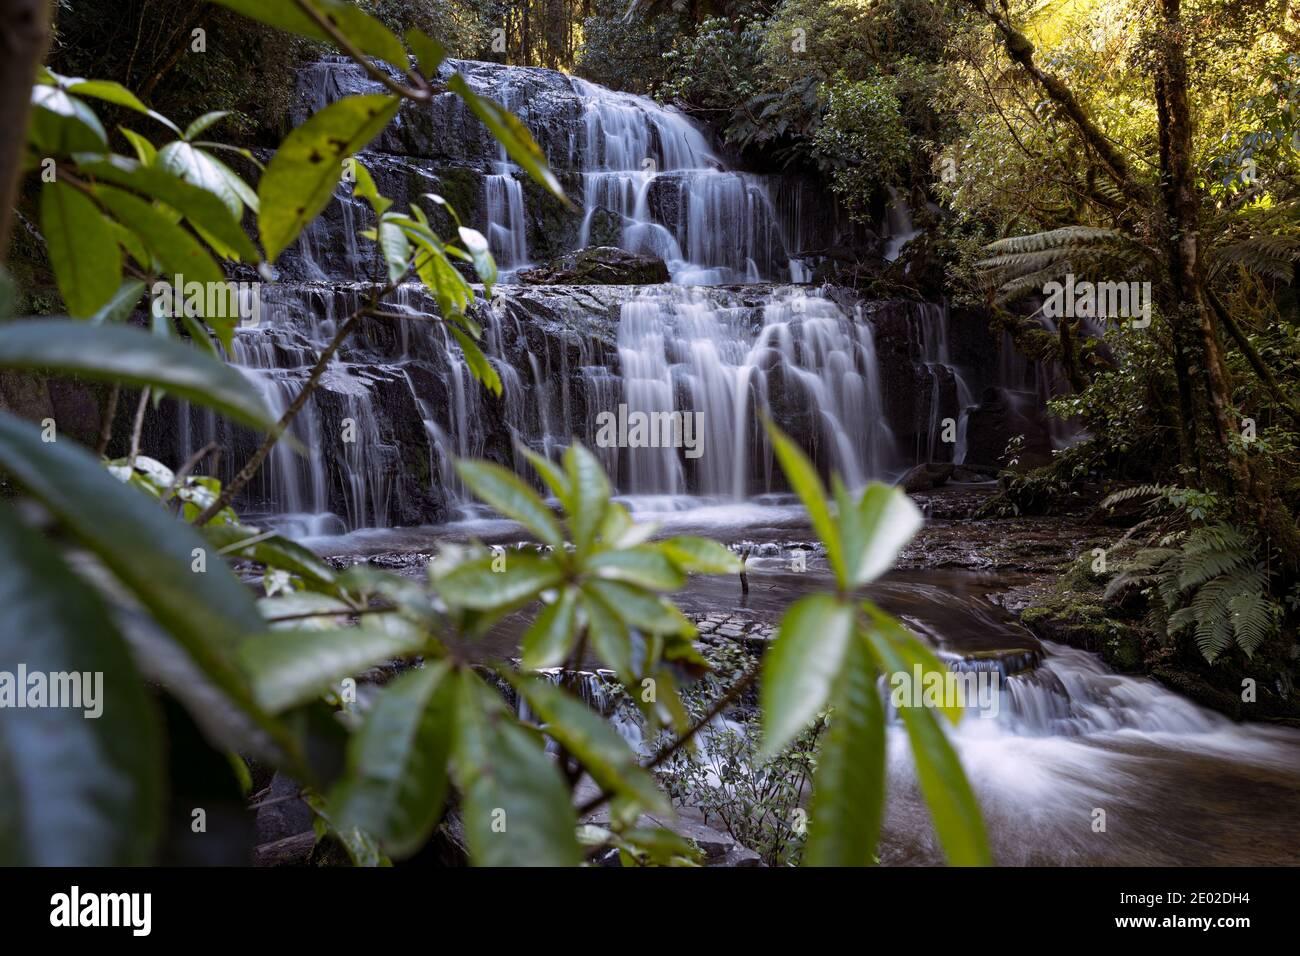 Les chutes de Purakuunui sont situées dans les Catlins, sur l'île du Sud, en Nouvelle-Zélande. Banque D'Images